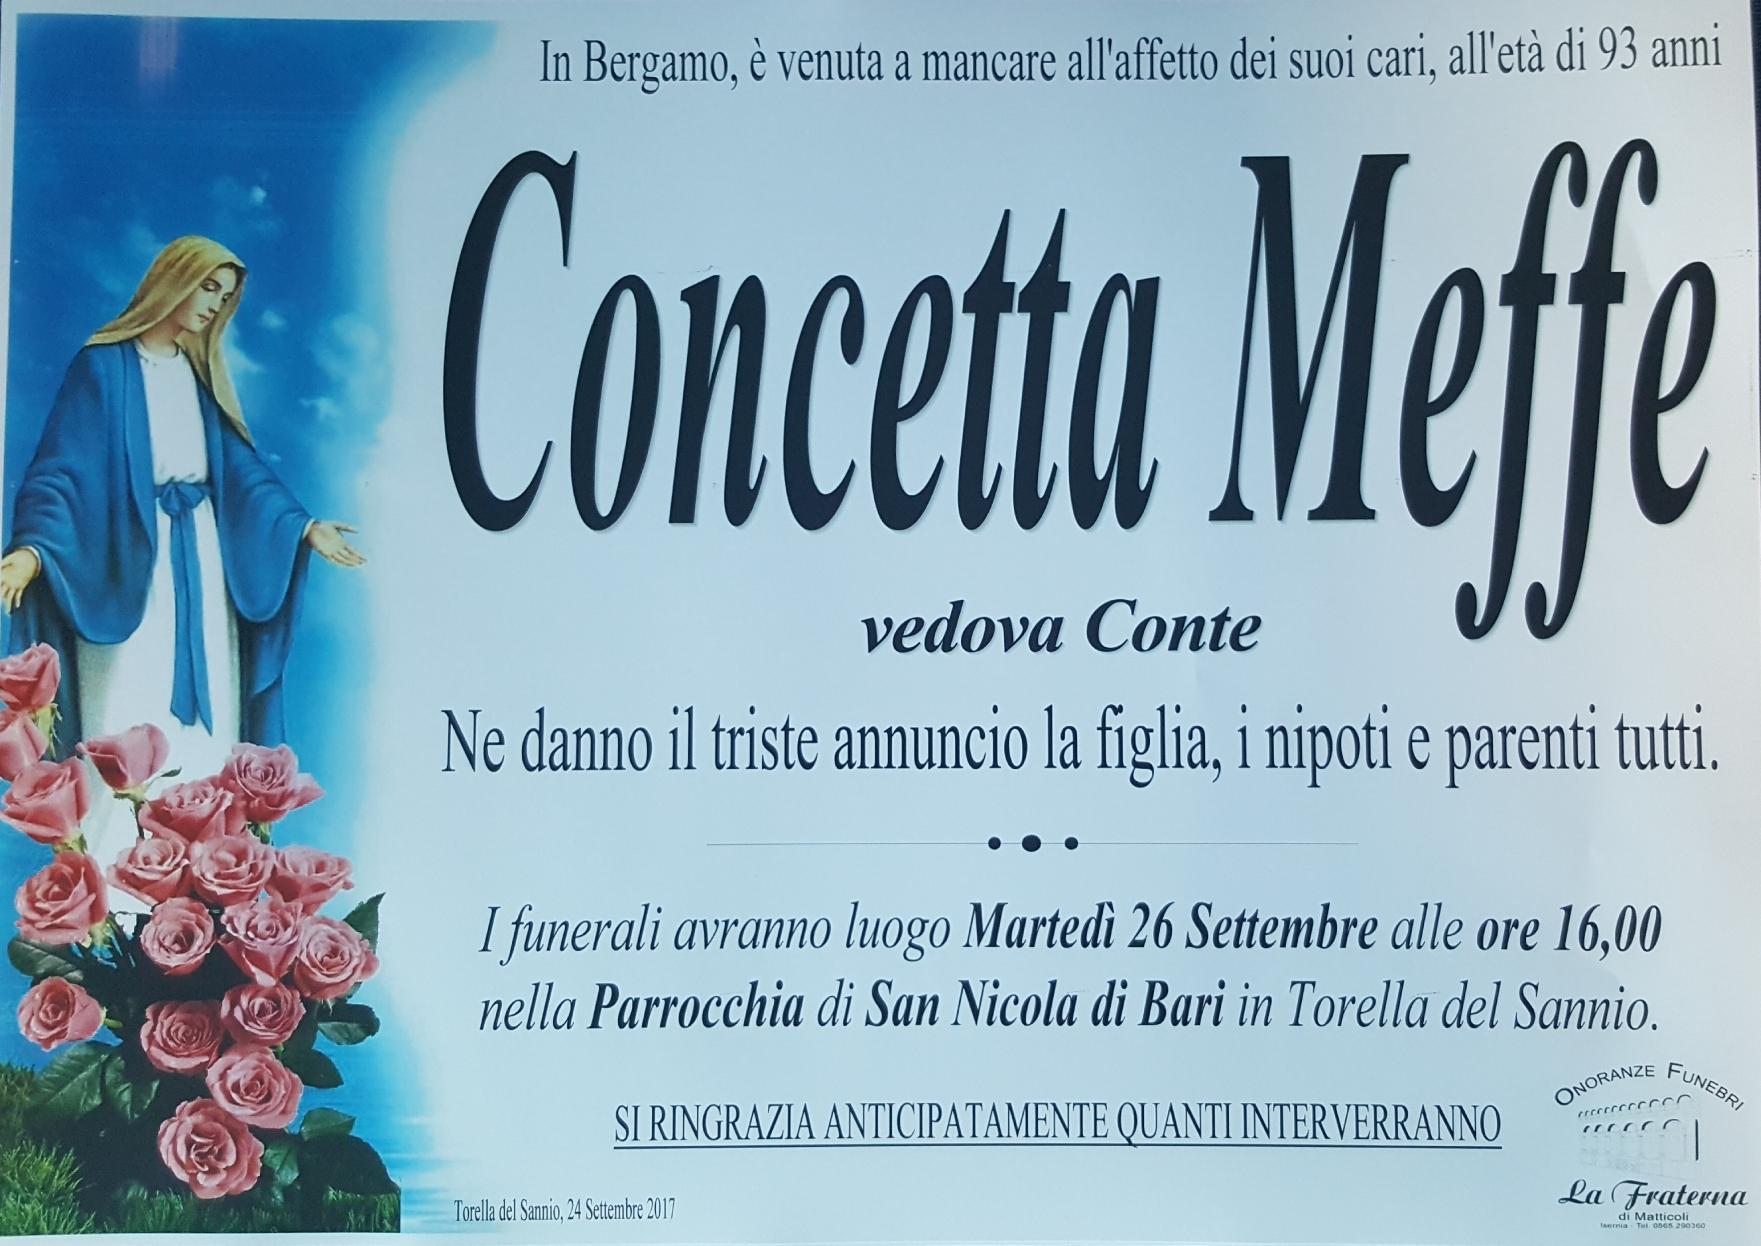 Concetta Meffe, 24/09/2017, Torella del Sannio (CB) – Onoranze Funebri La Fraterna